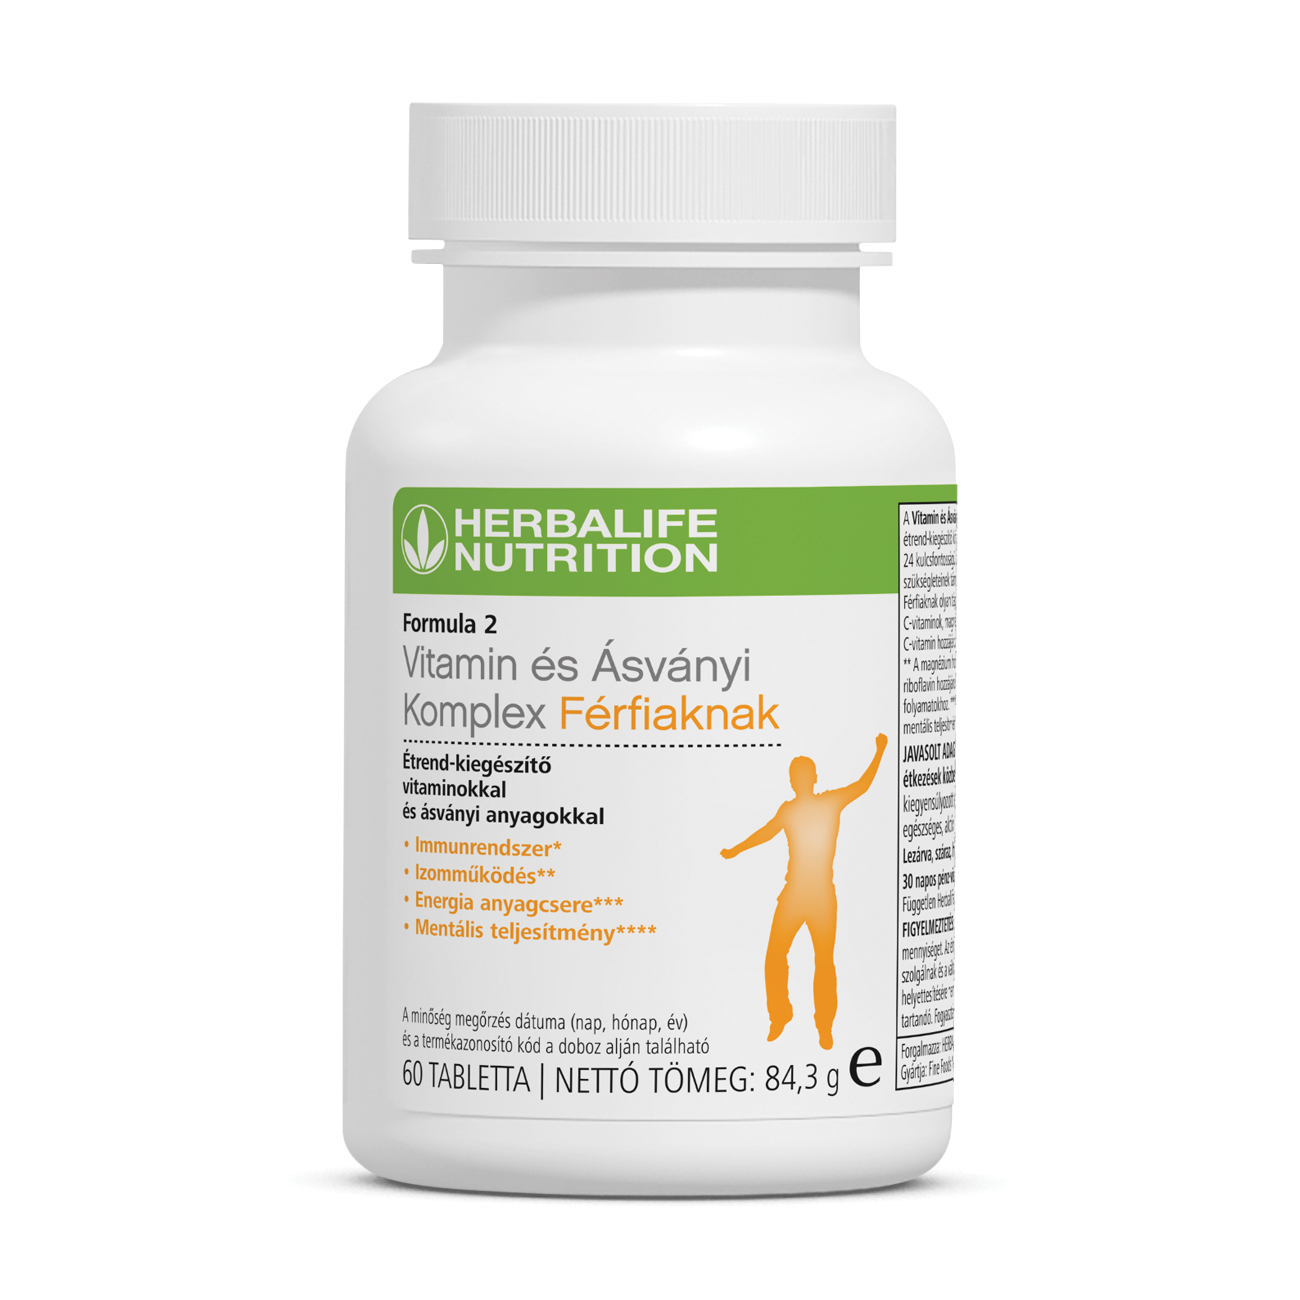 Formula 2 Vitamin és Ásványi Komplex Férfiaknak Multivitamin Kiegészítő 60 Tabletta